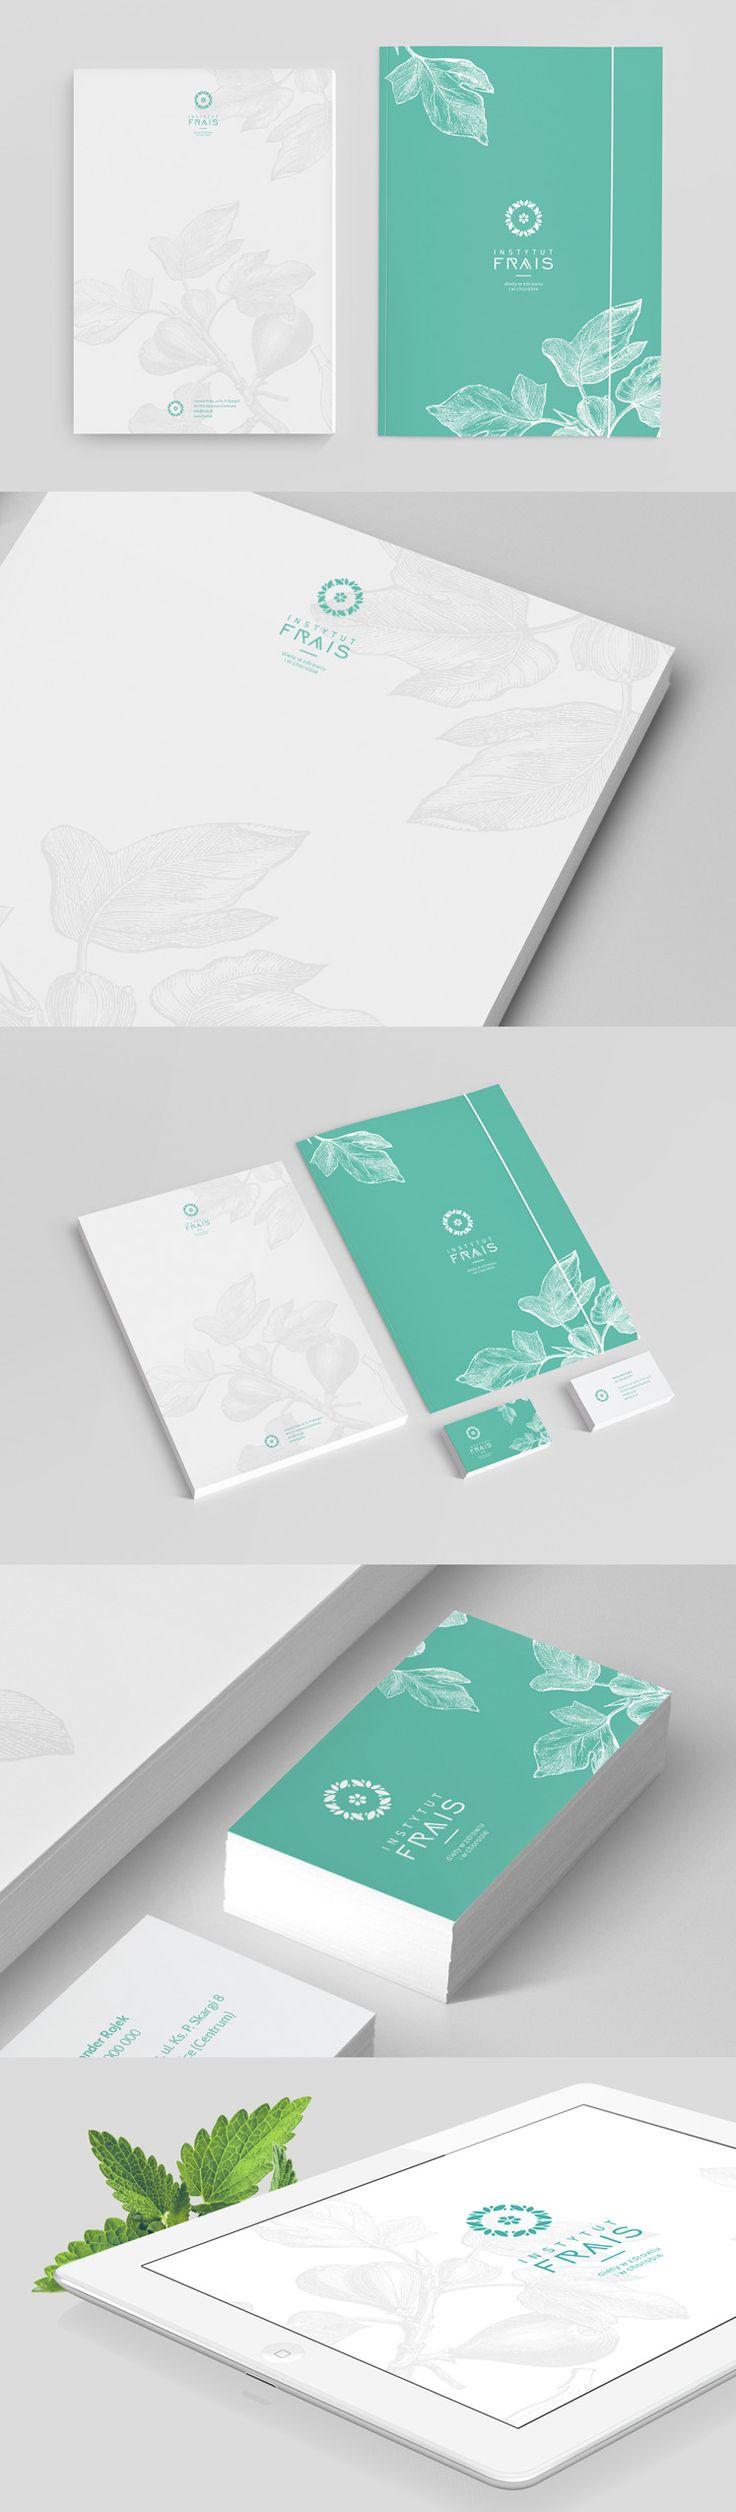 Imagen corporativa con hojas en marca de agua / Frais identity